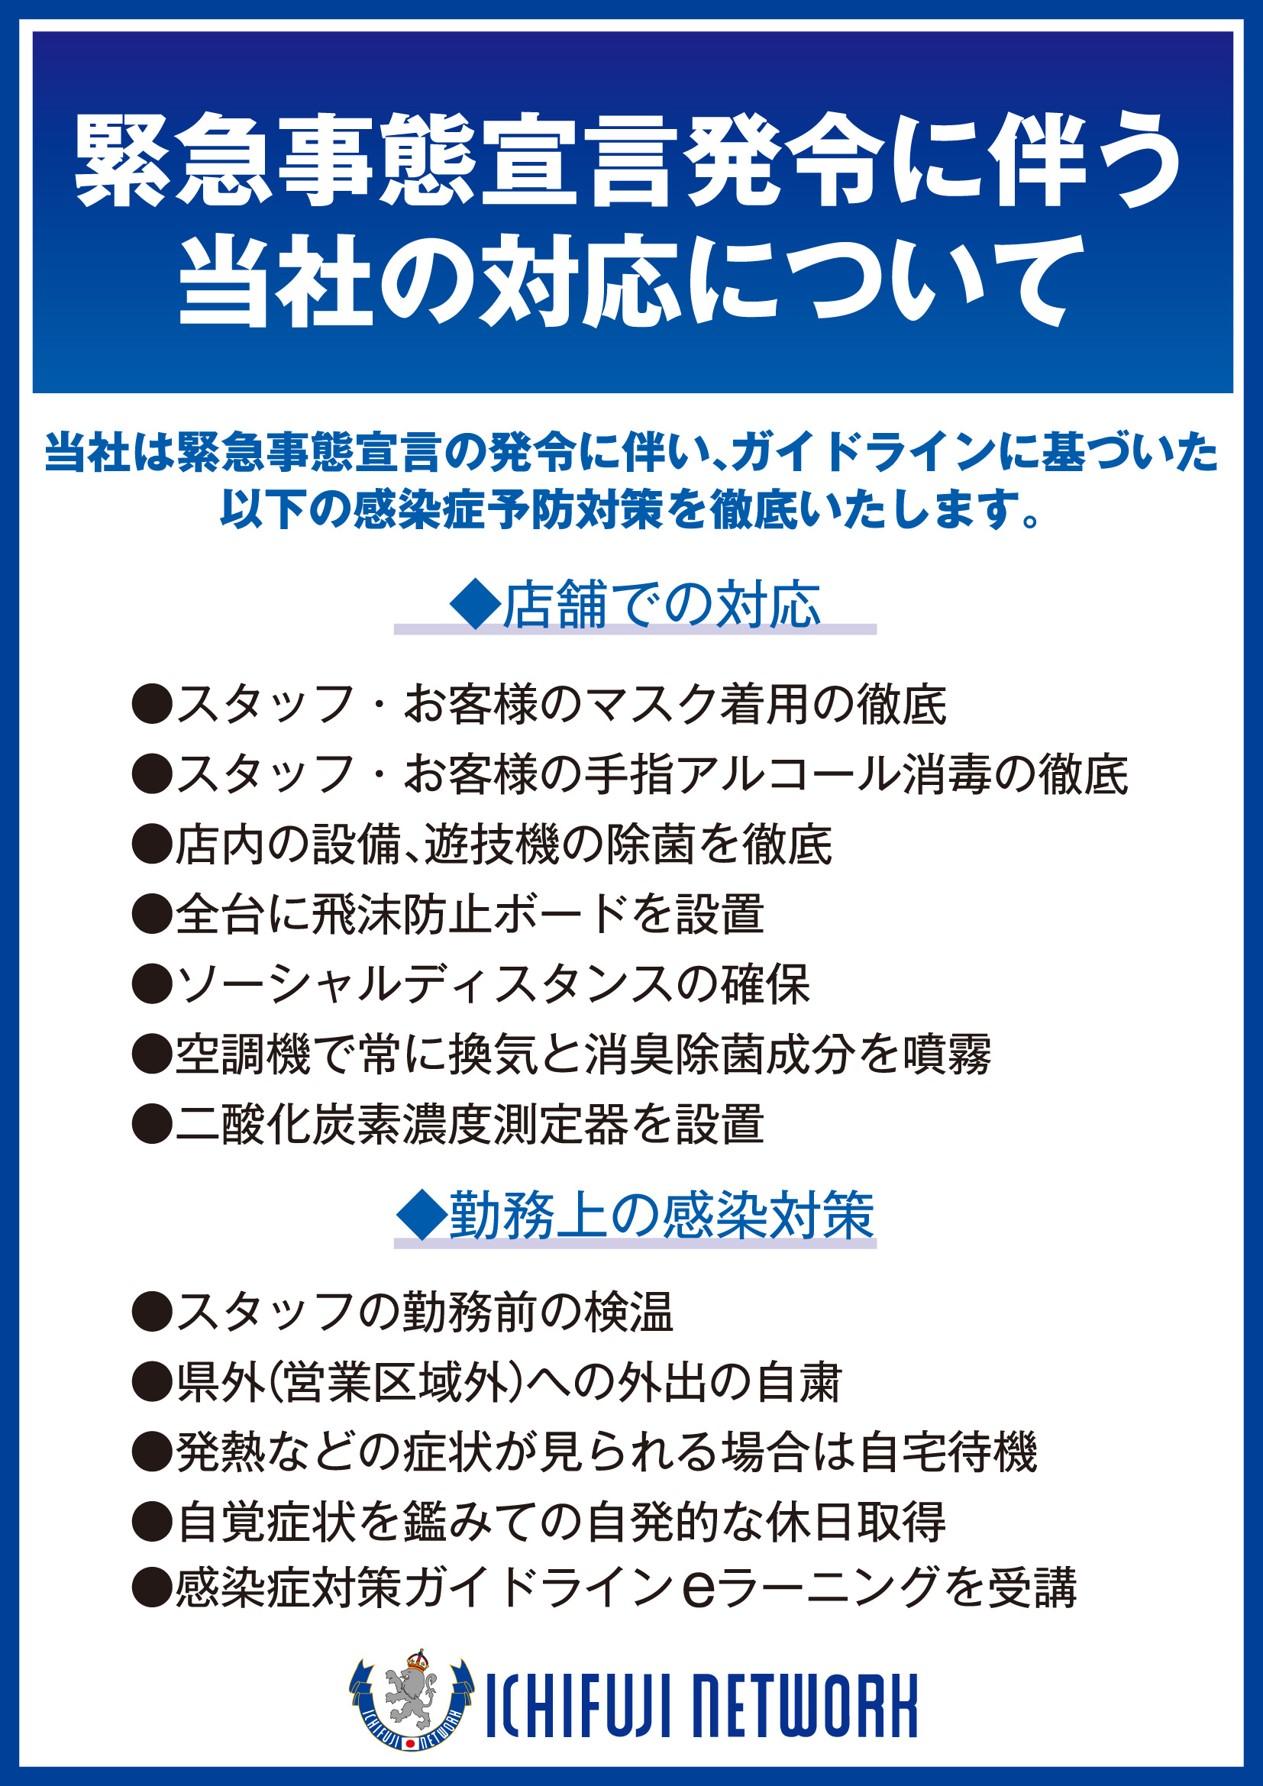 ぱちんこ10月16日(水)新台入替